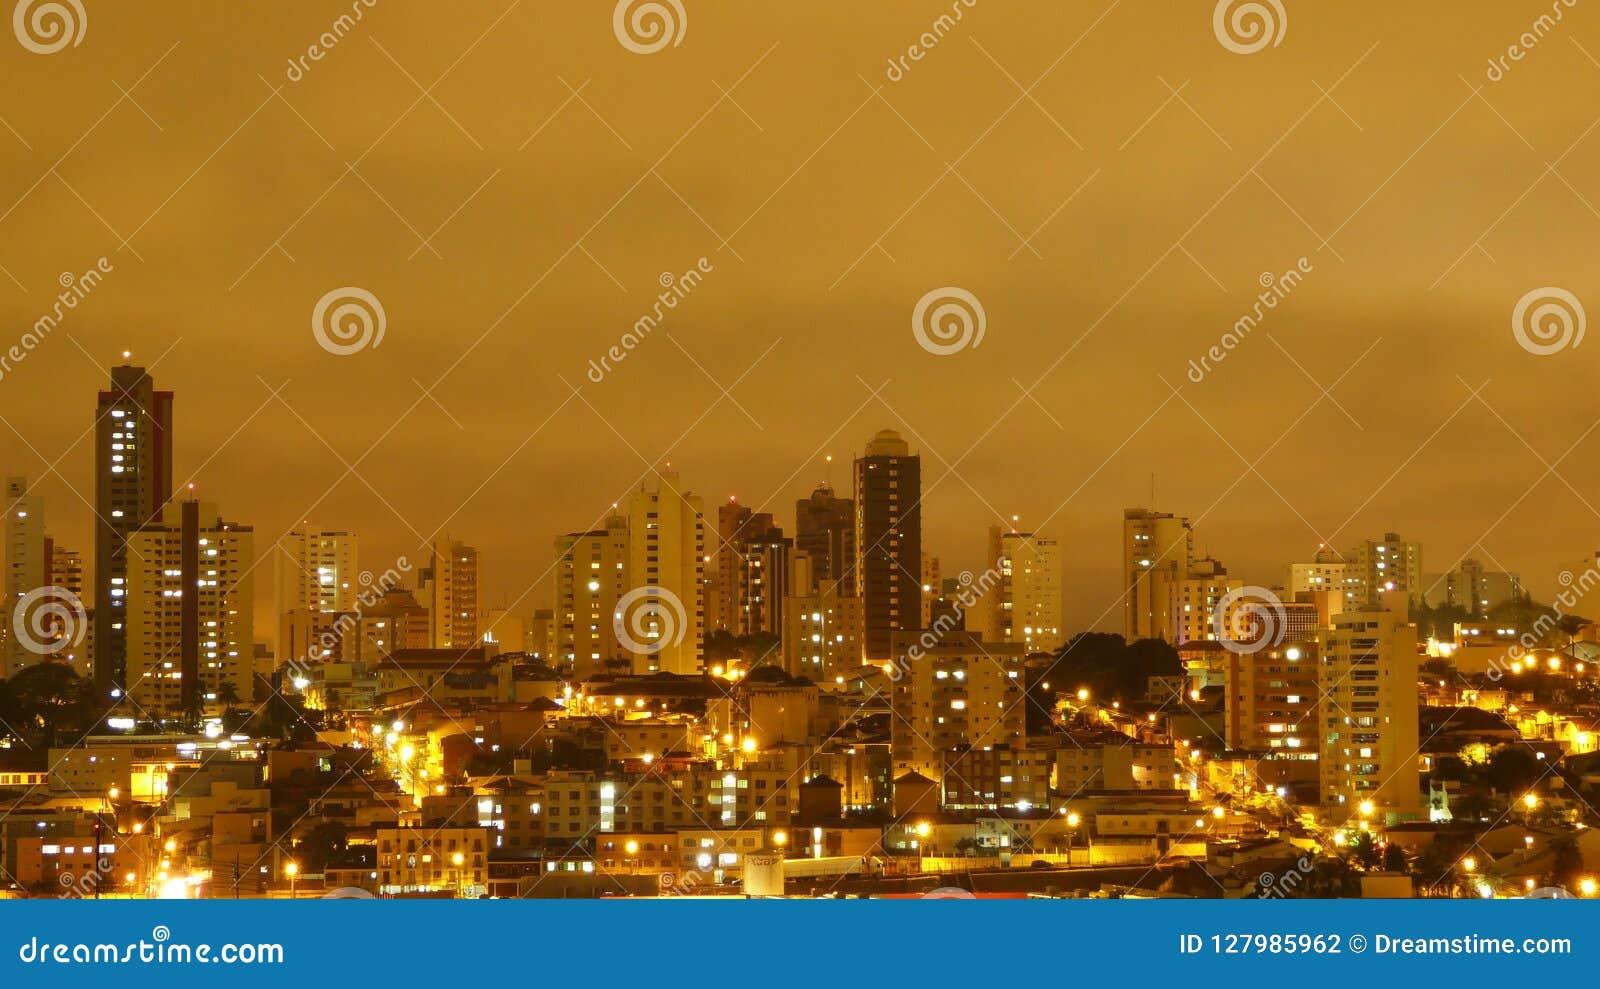 Uberlandia, Brazylia, widok podczas deszczu w nocy, żółty niebo